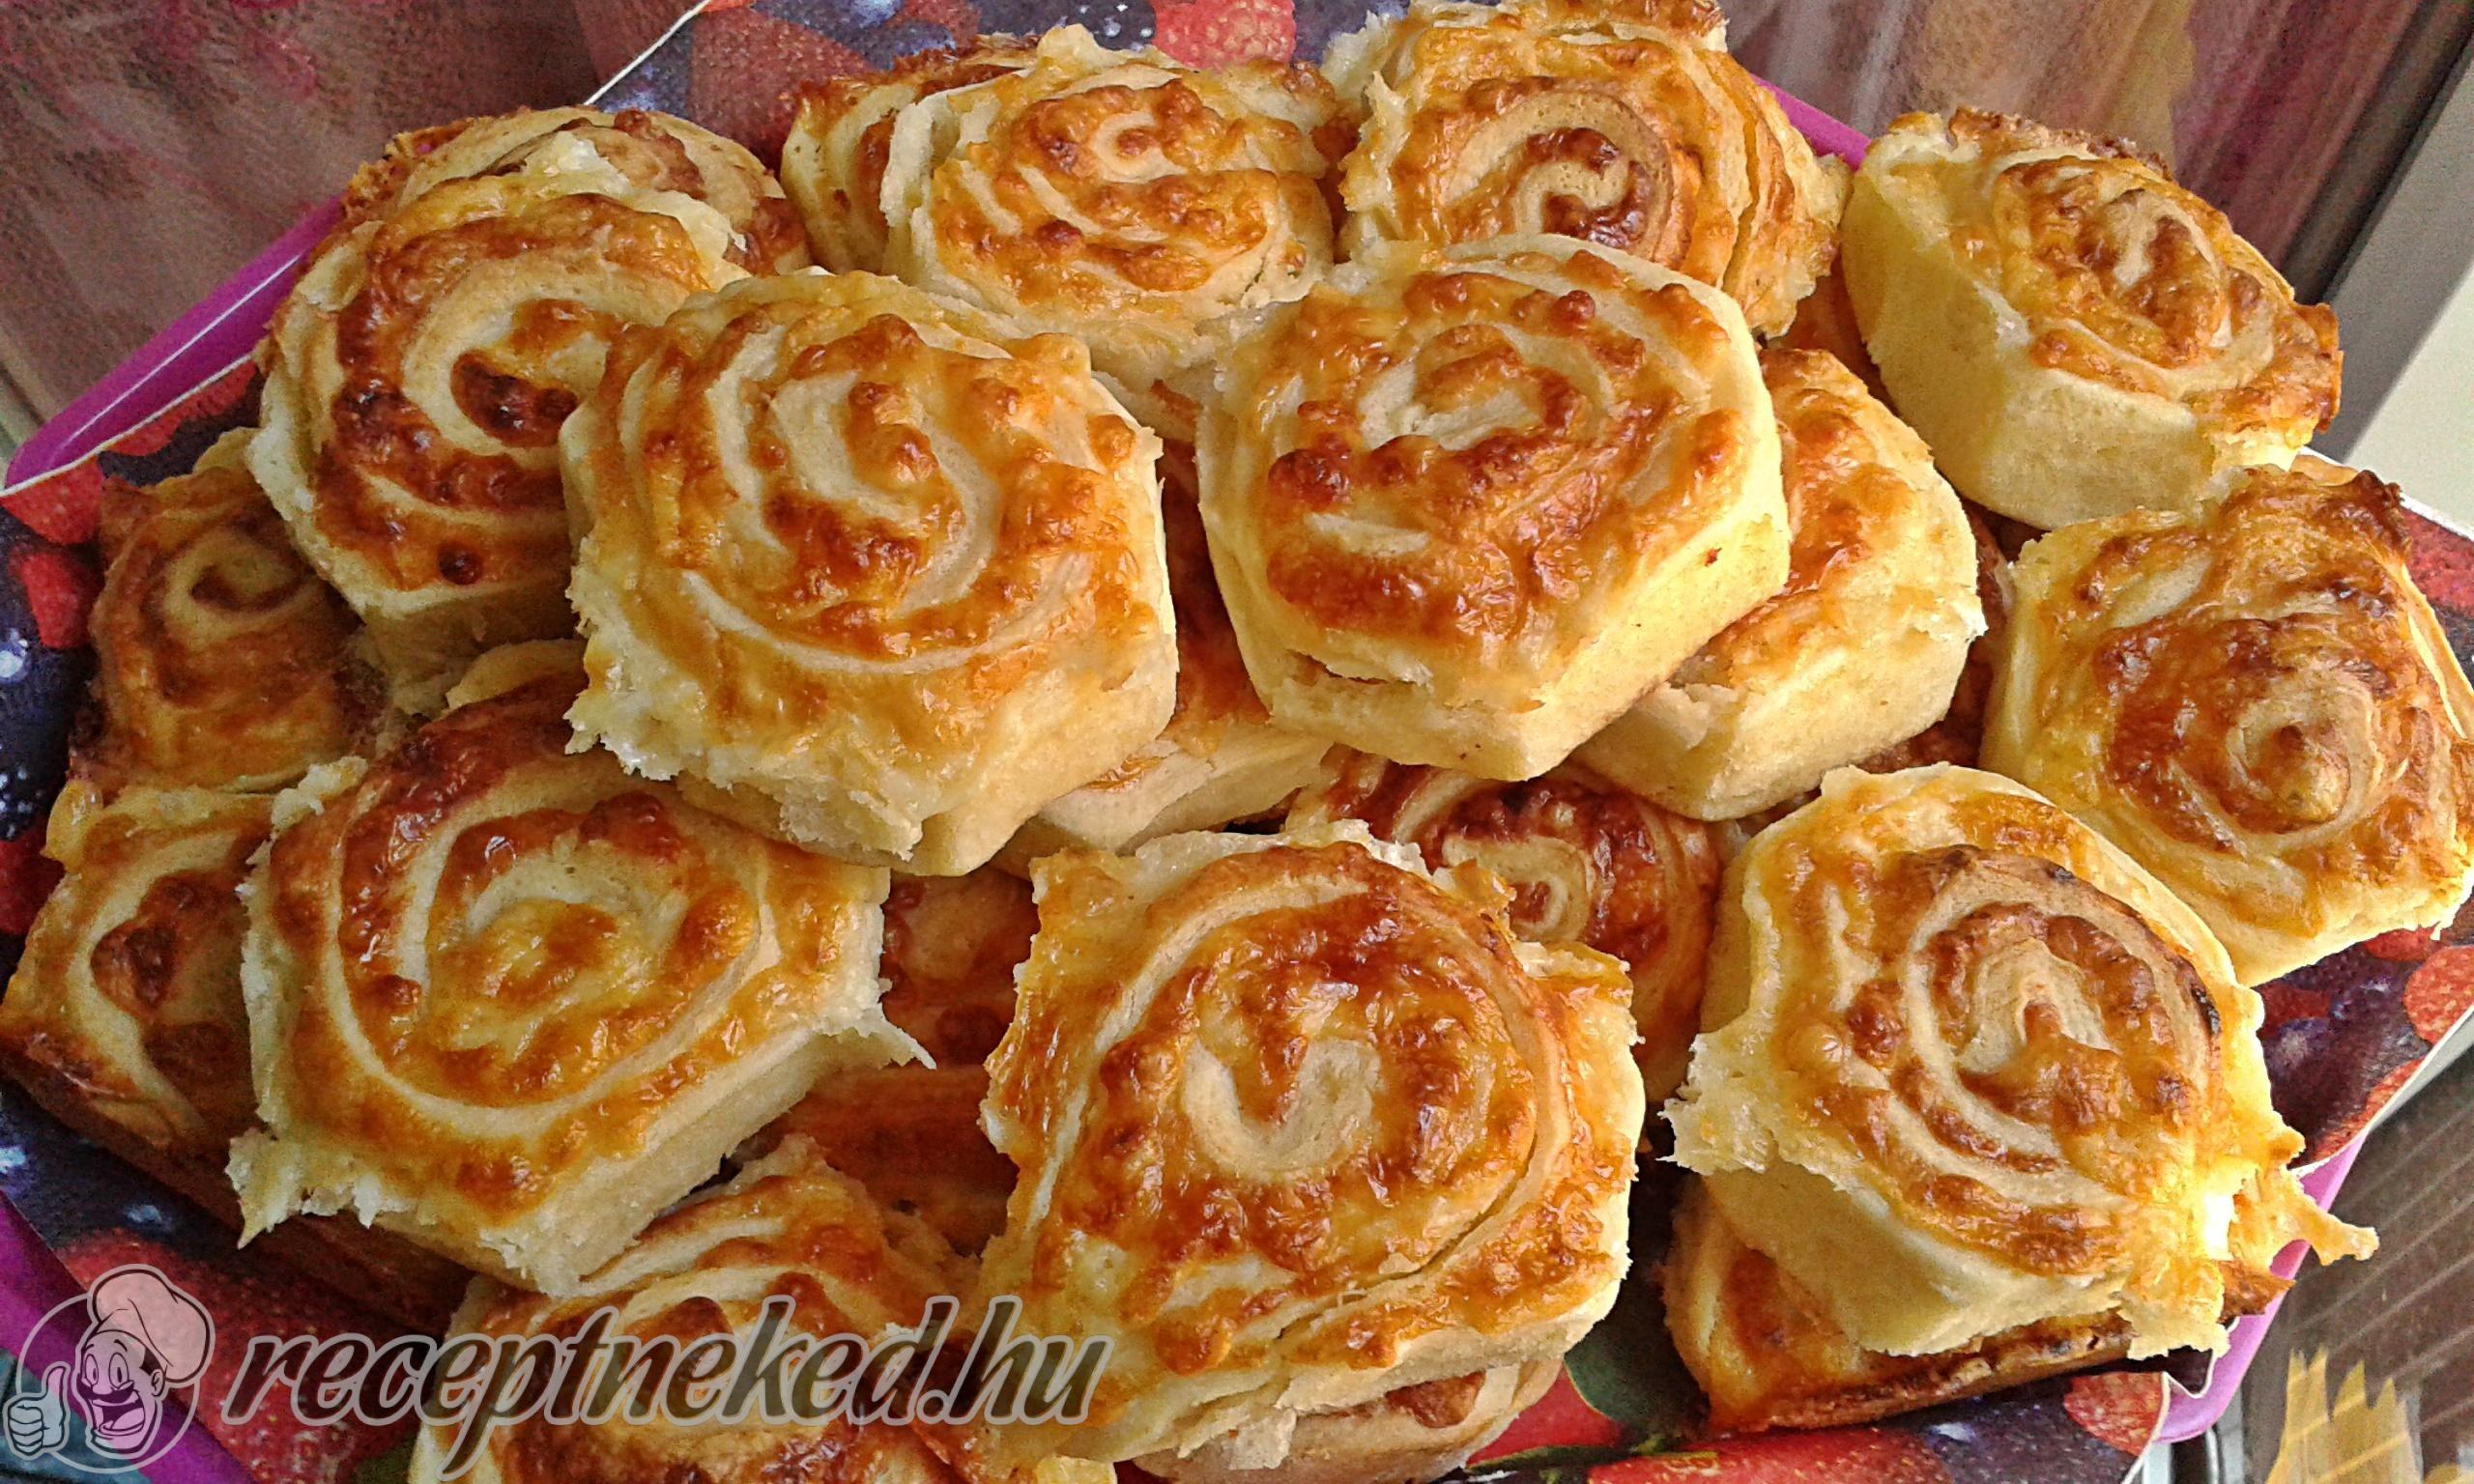 A legjobb Sajtos csigák recept fotóval egyenesen a Receptneked.hu gyűjteményéből. Küldte: Kautz Jozsef